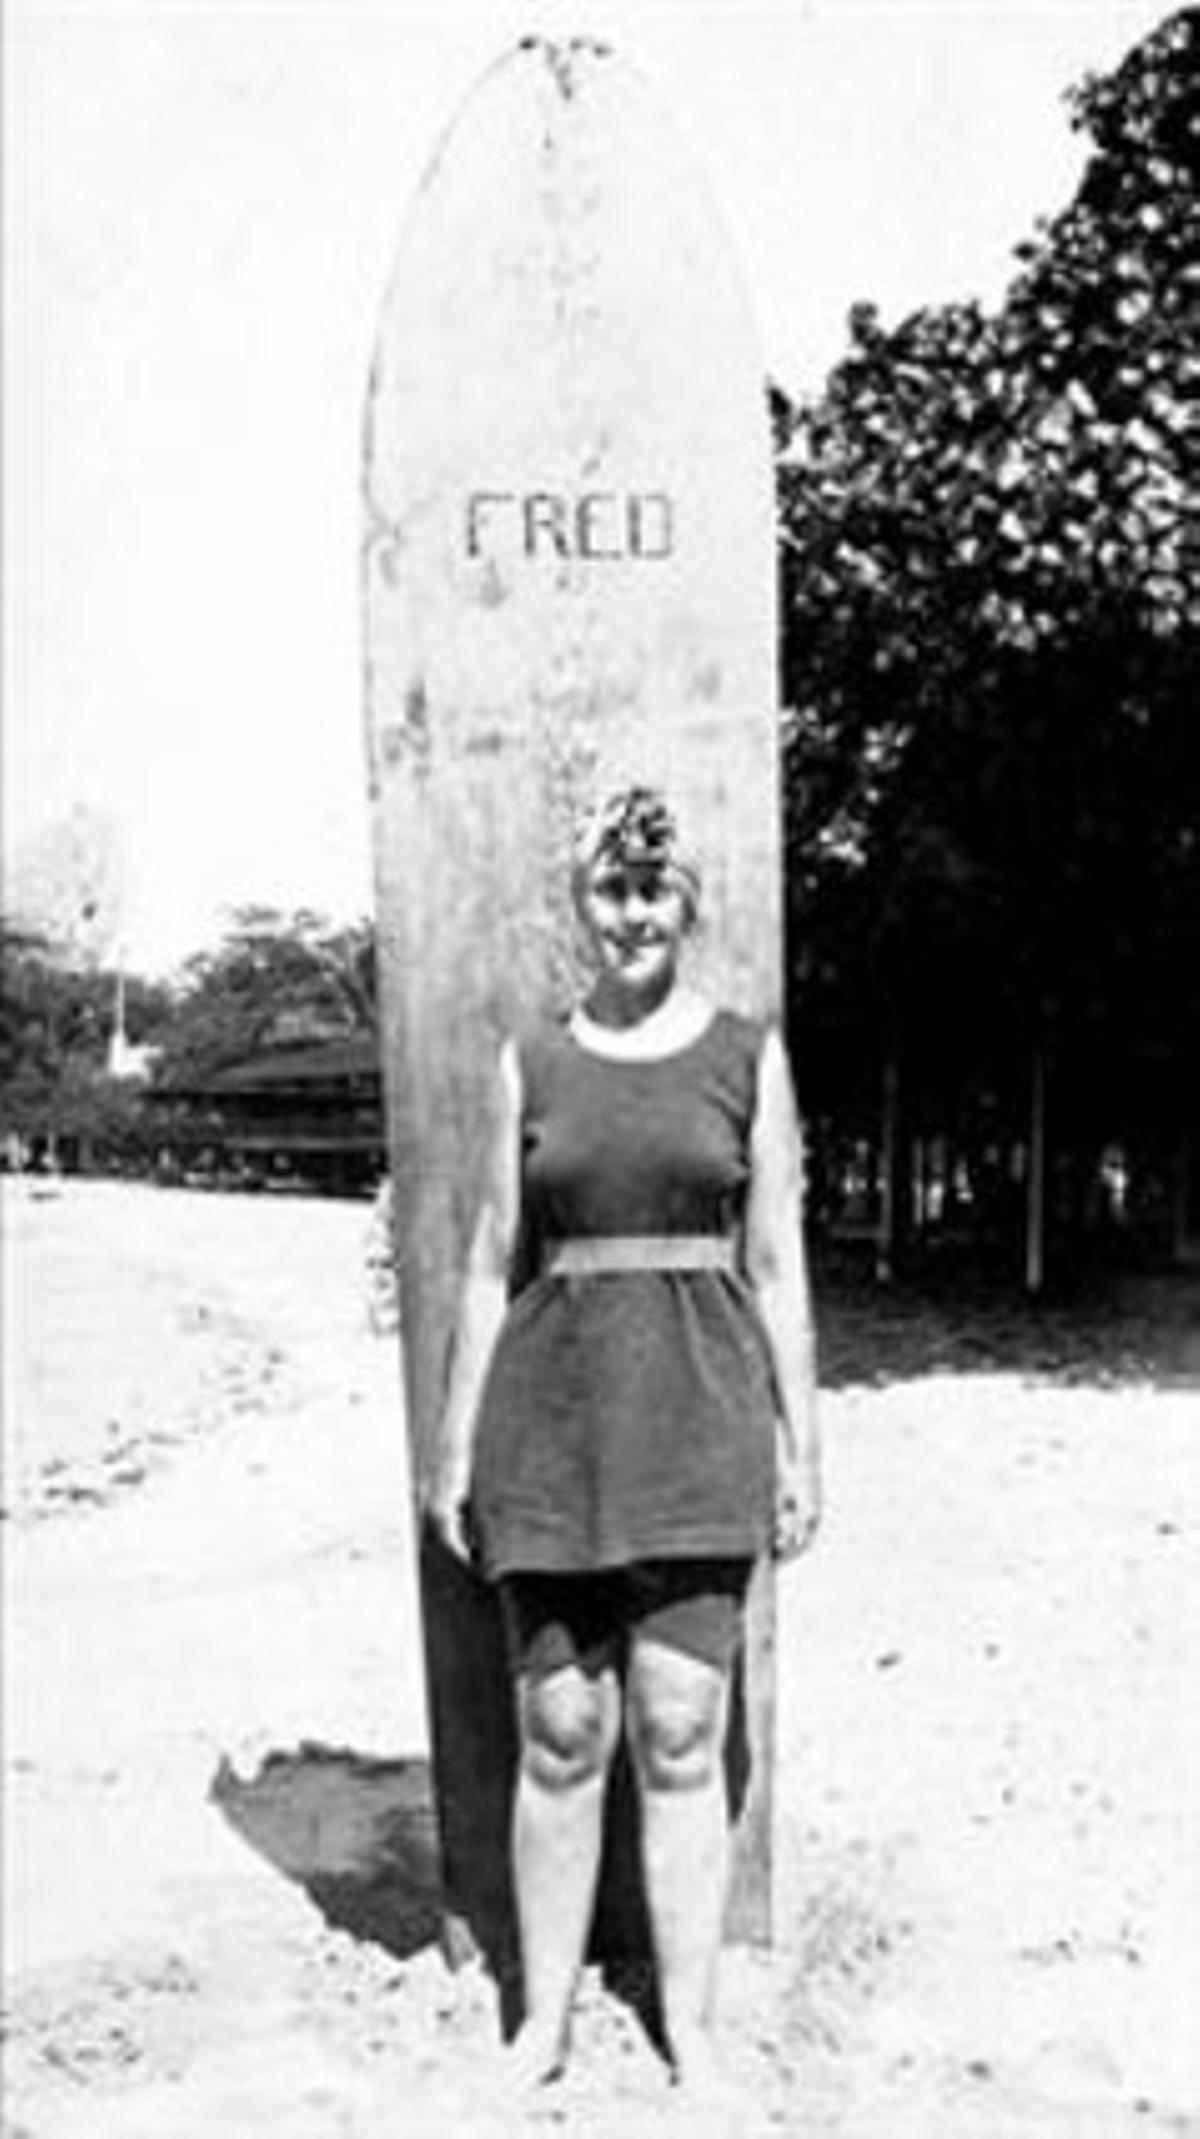 1. El bañador  verde esmeralda, «la joya de mi vida», que Agatha se compró en Honolulu.2. La autora  (a la derecha) , cámara en mano, a bordo del 'Kildonan Castle'.3. Archie Christie en Sudáfrica.4. Agatha Christie,  con uno de sus vestidos favoritos.